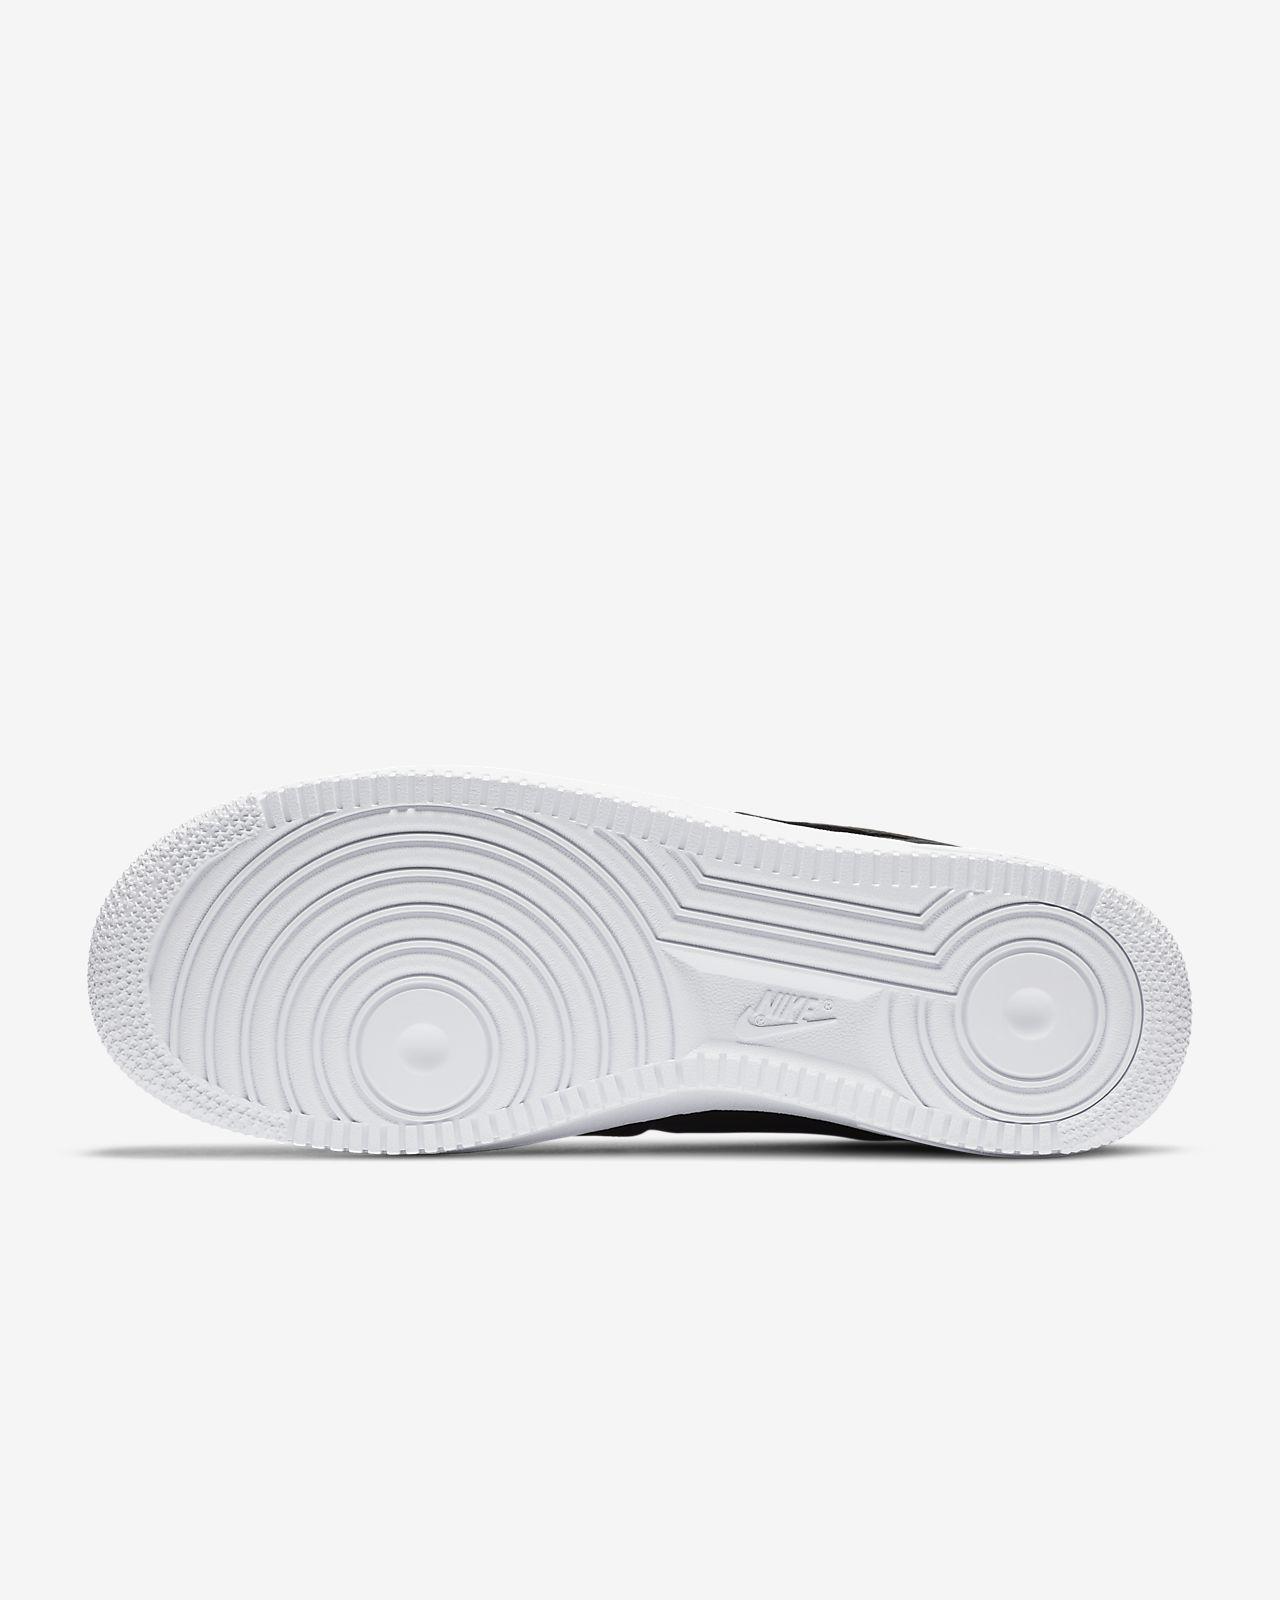 Nike Air Force 1 '07 Craft Herenschoen